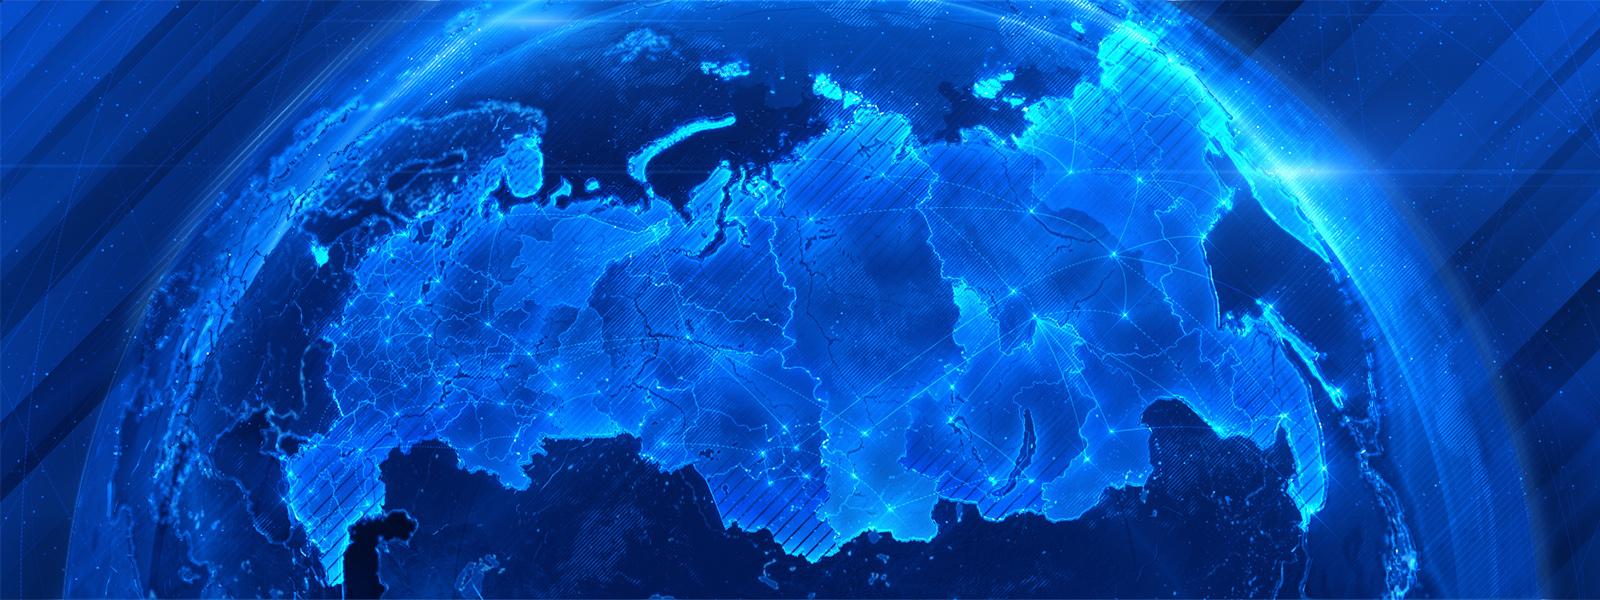 Заказы выполняются по всей территории Российской Федерации